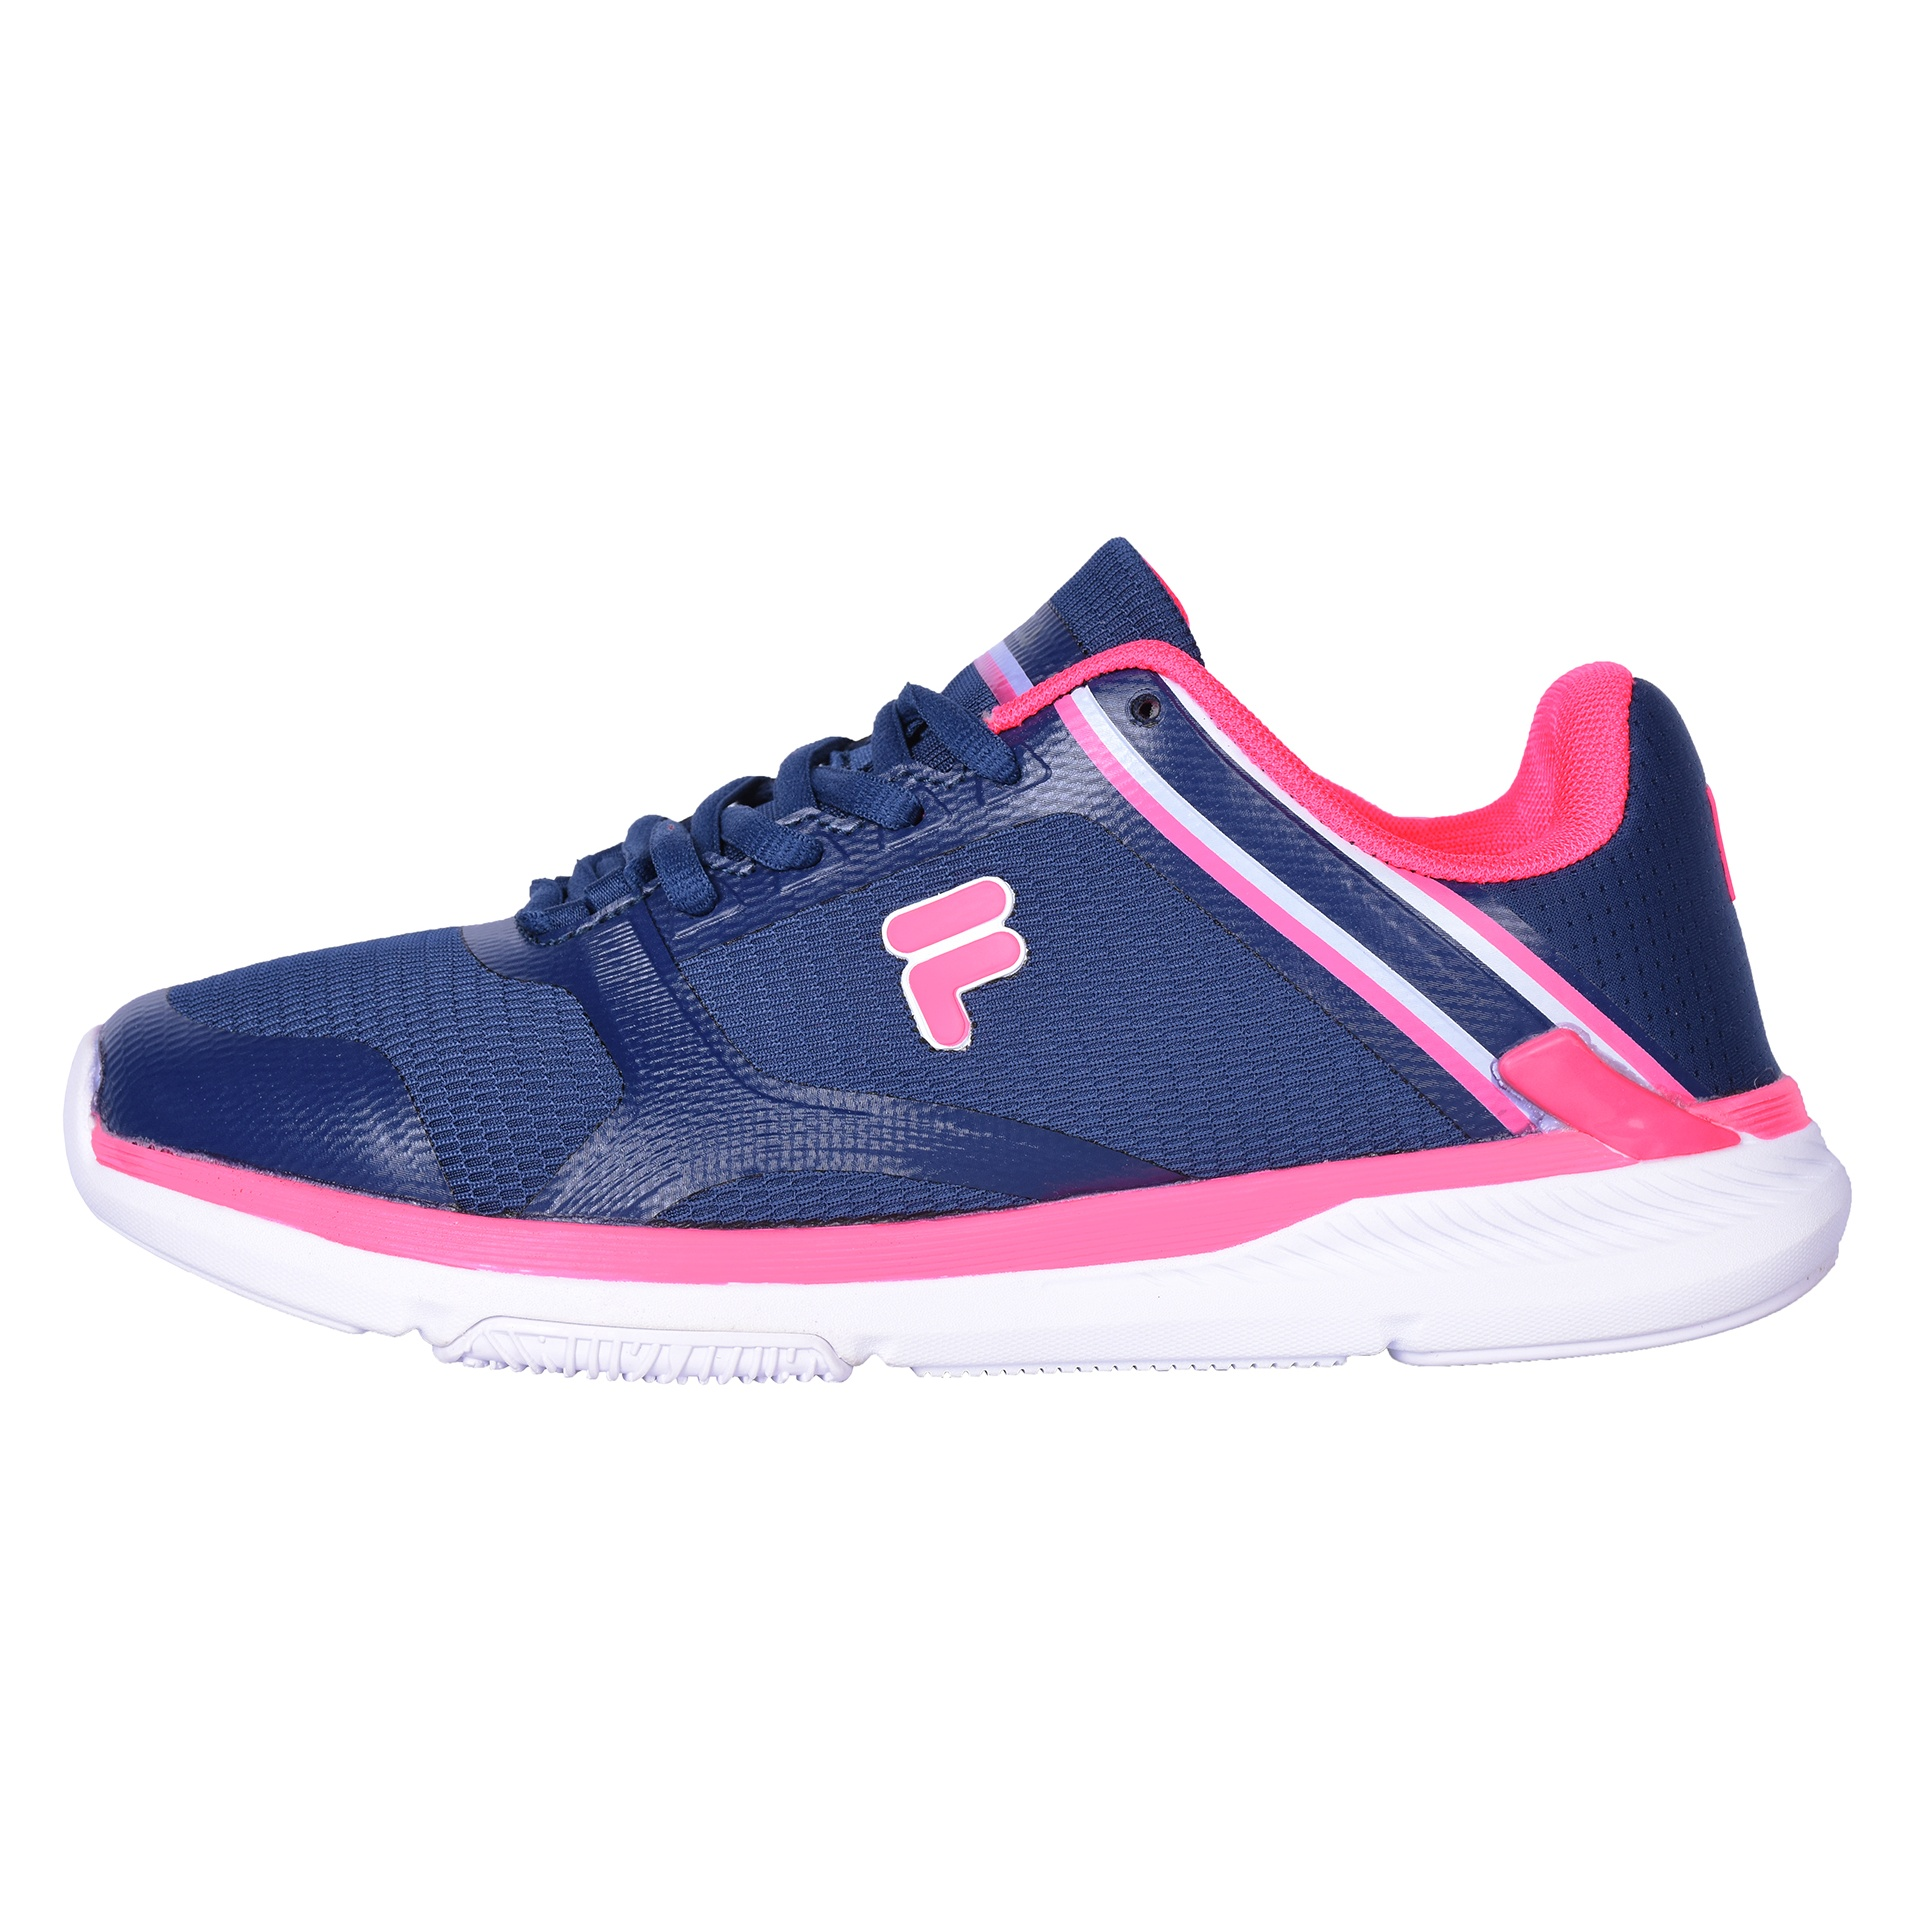 کفش مخصوص پیاده روی زنانه مدل fiWdrfDB